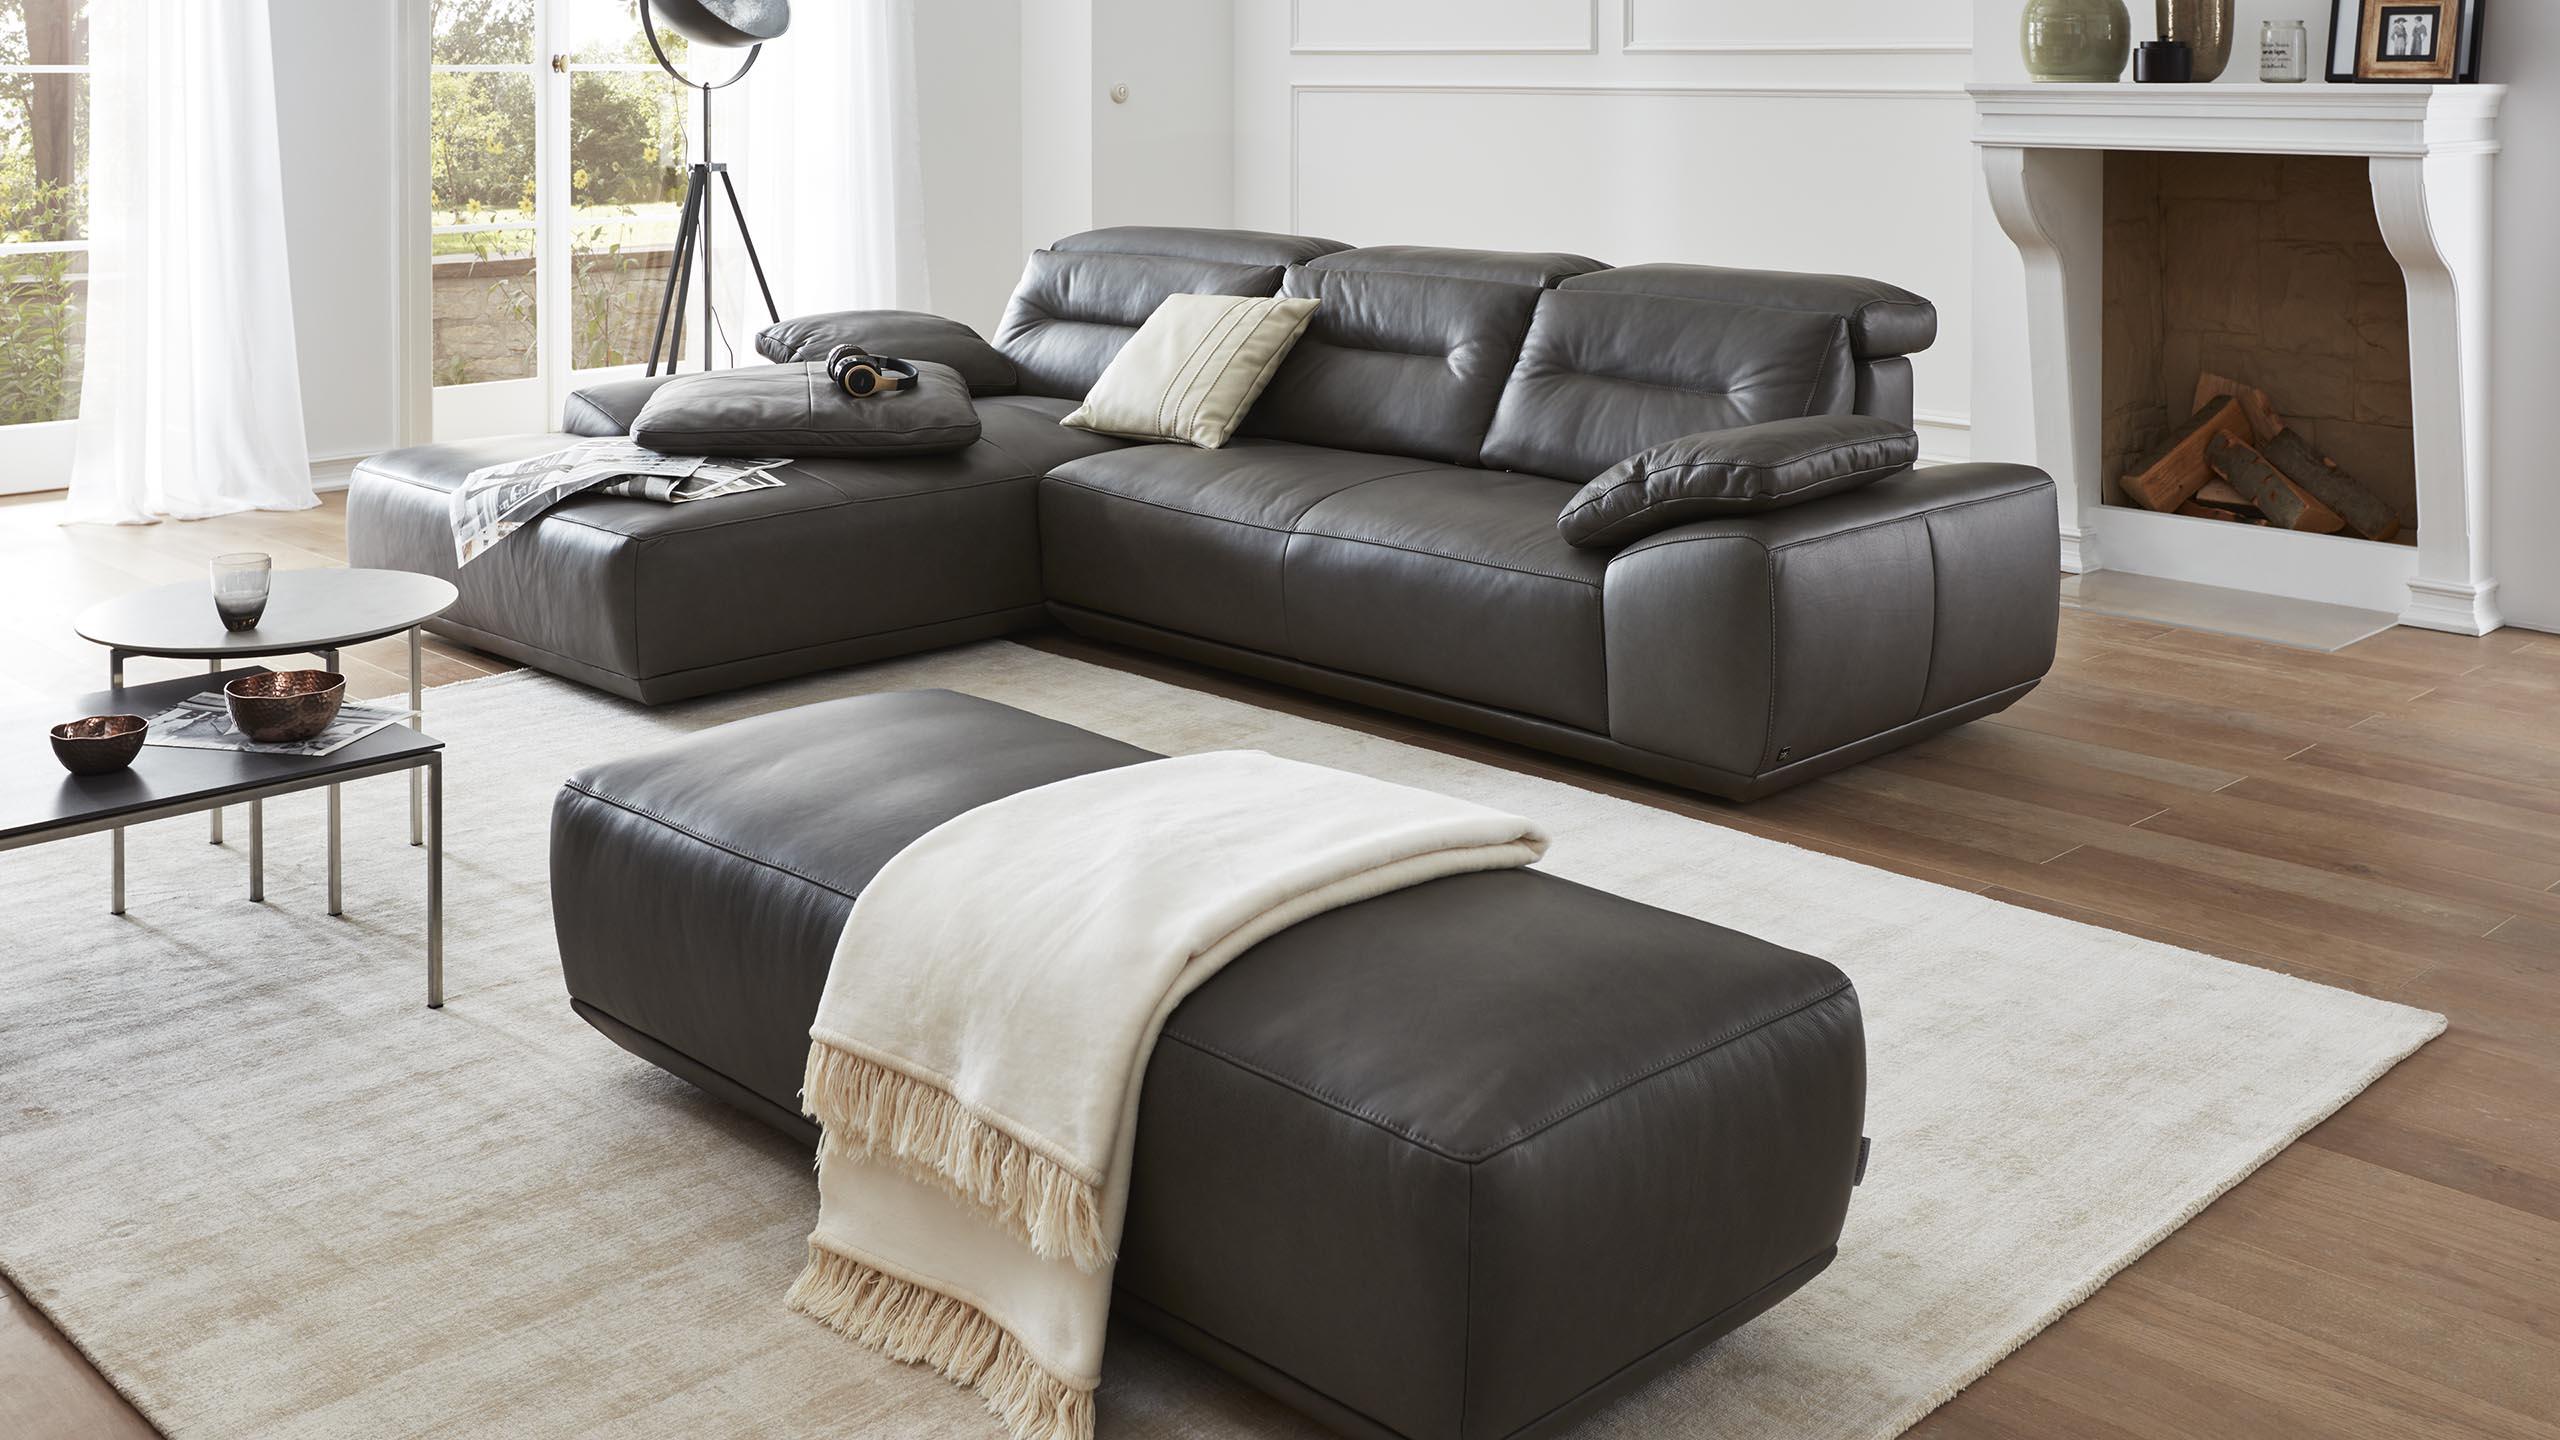 Interliving Sofa Serie 4000 | Interliving - Möbel für mich gemacht